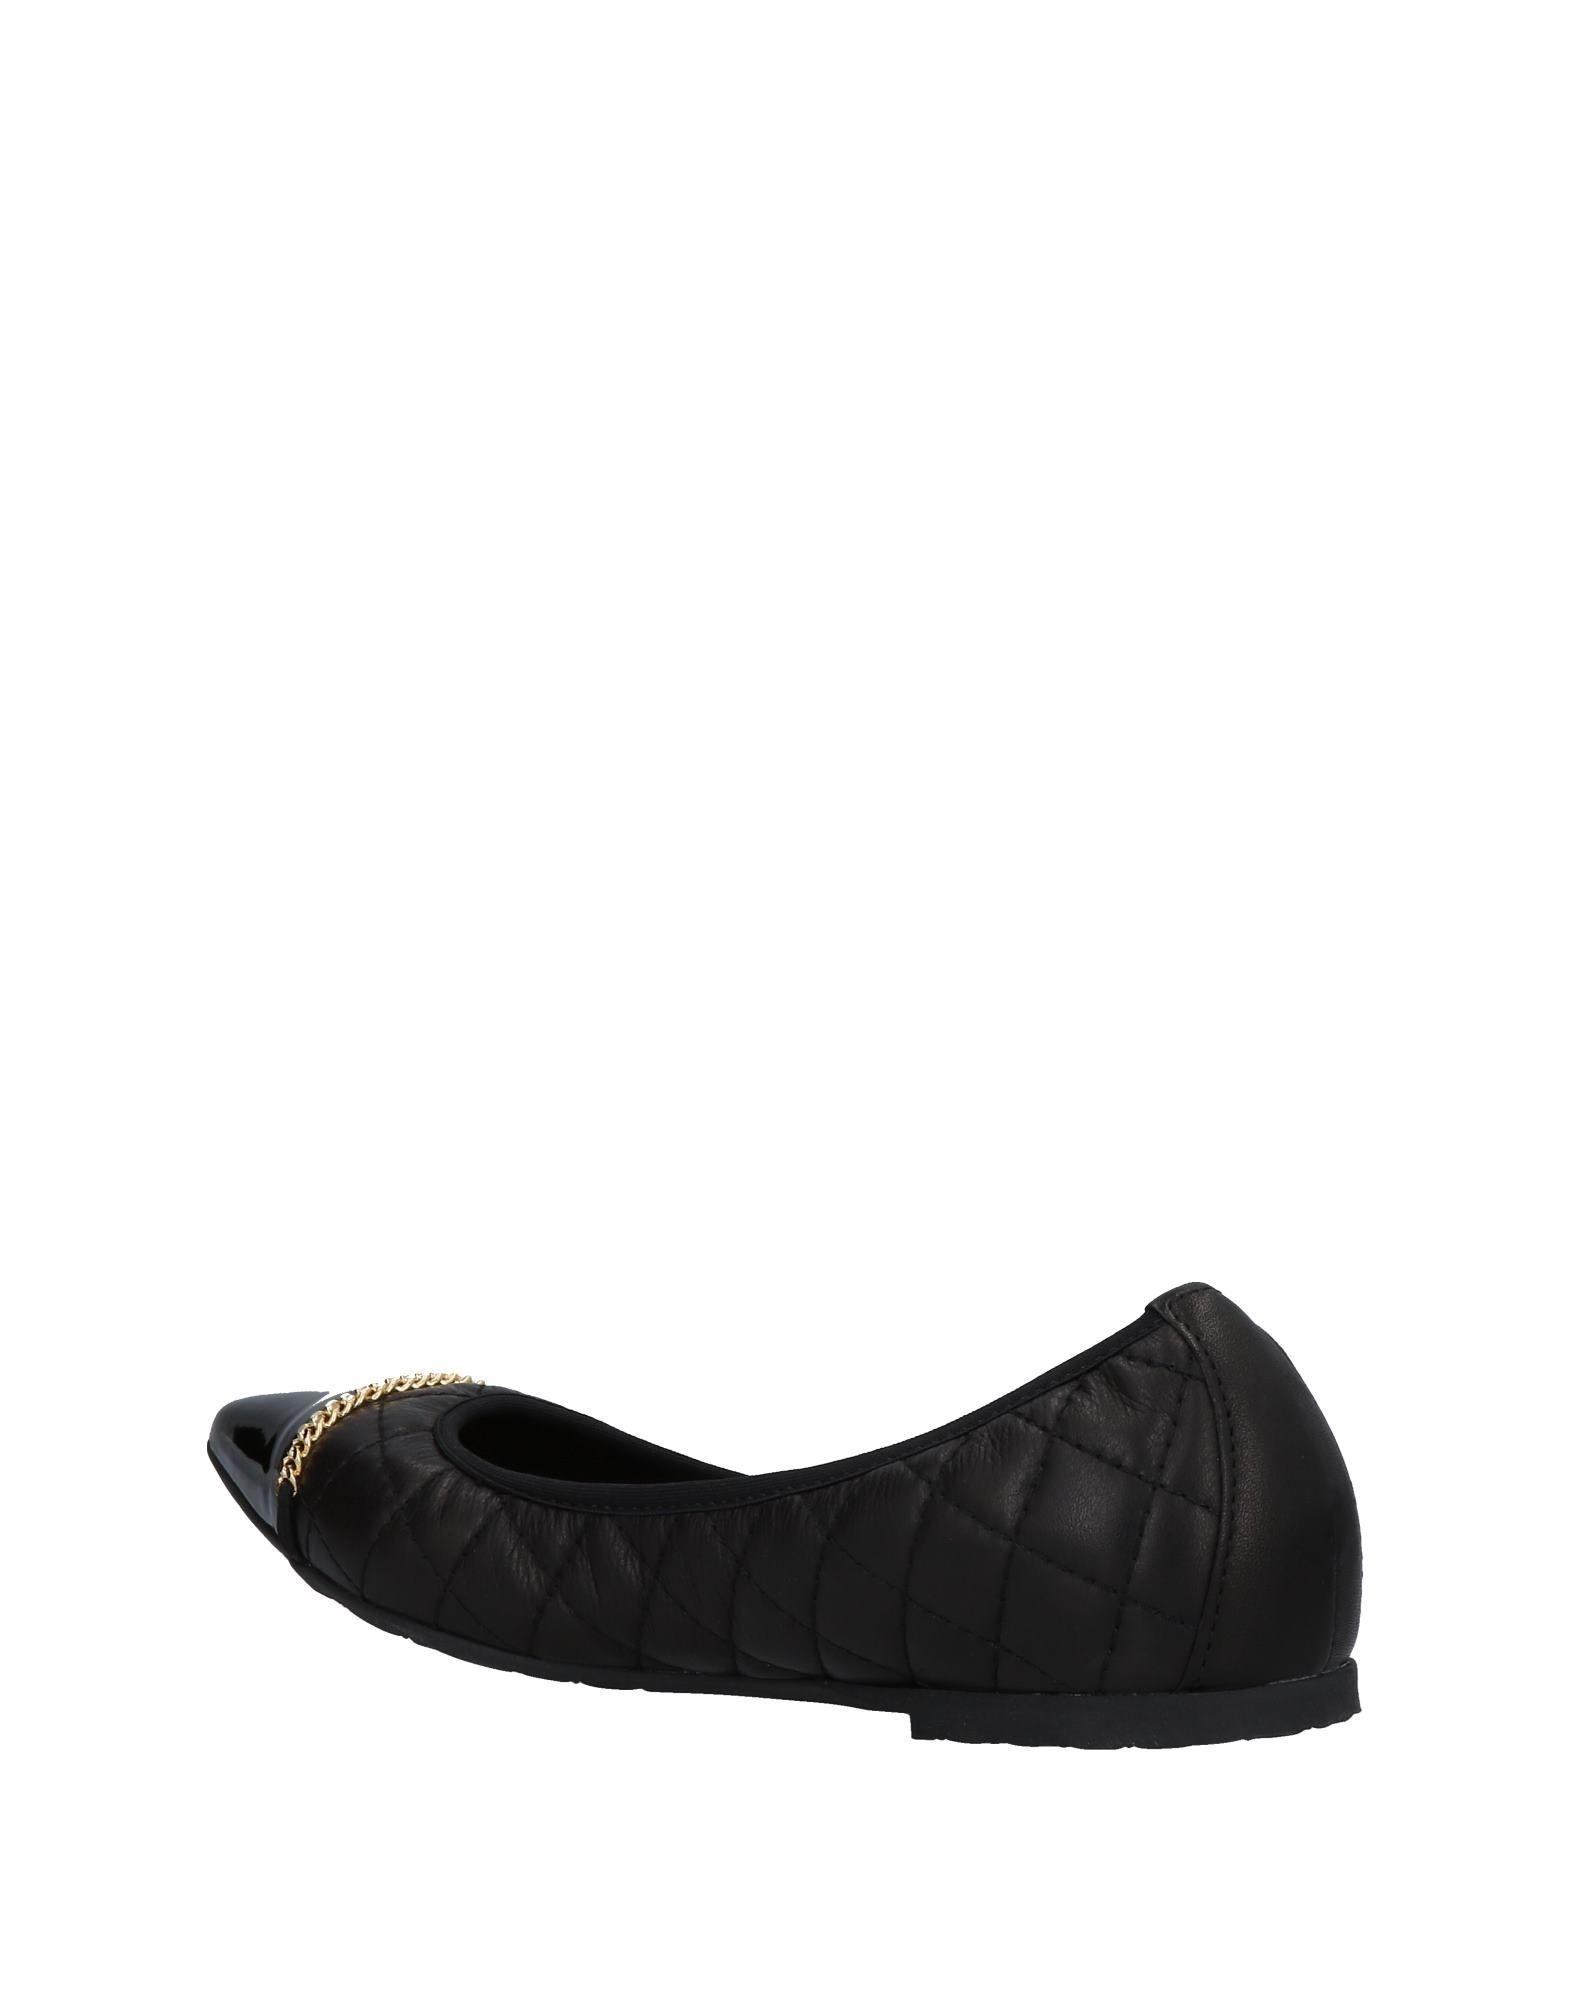 D+ Ballerinas Damen  11482621BB Schuhe Gute Qualität beliebte Schuhe 11482621BB b9321d